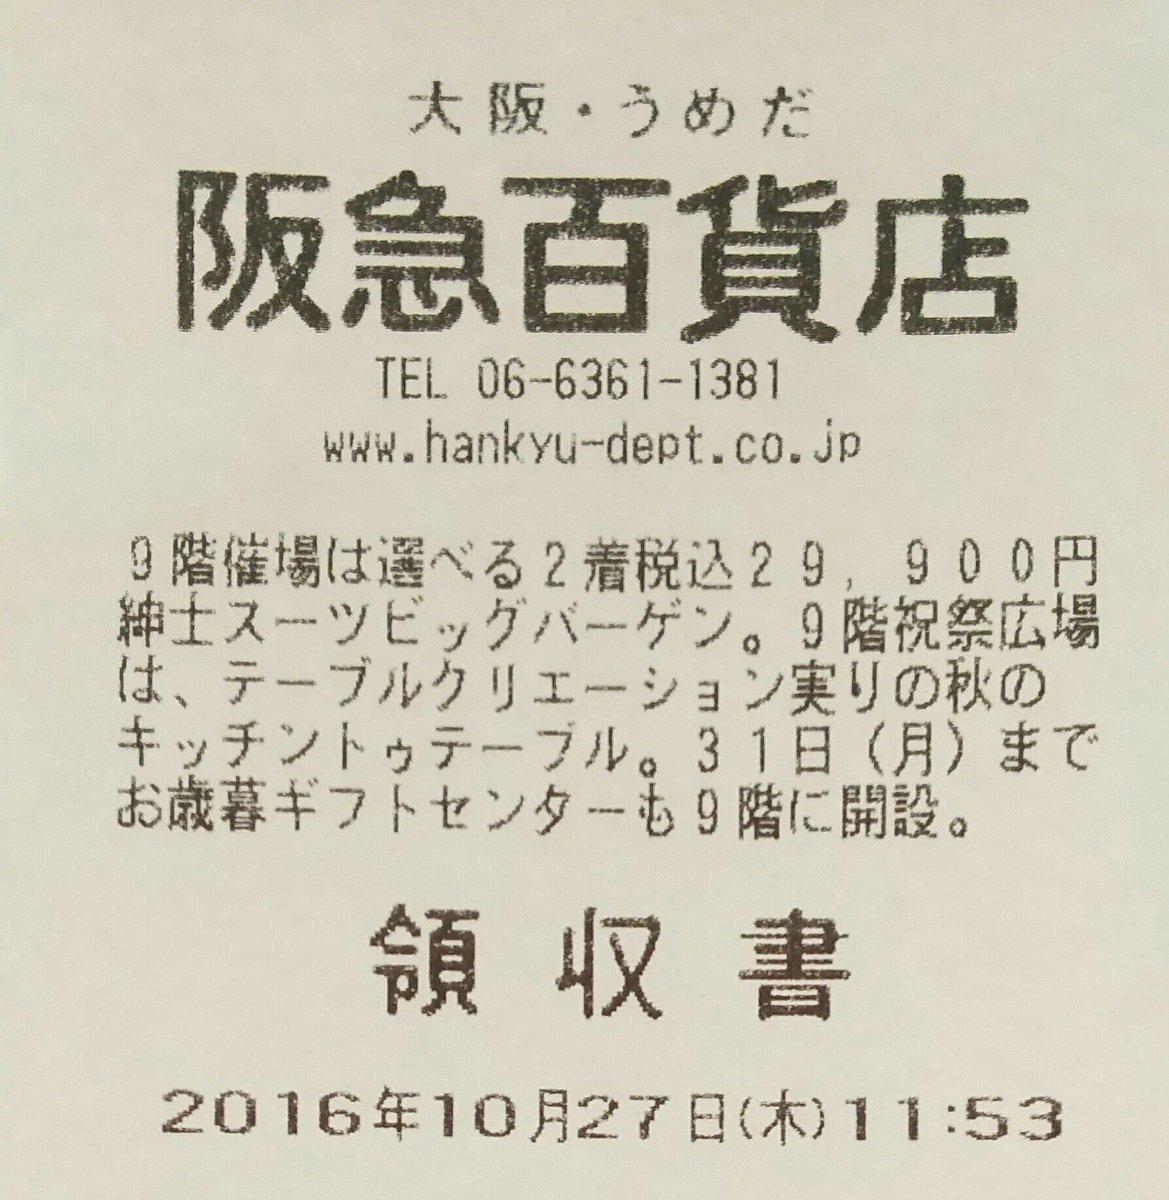 阪急 百貨店 お中元